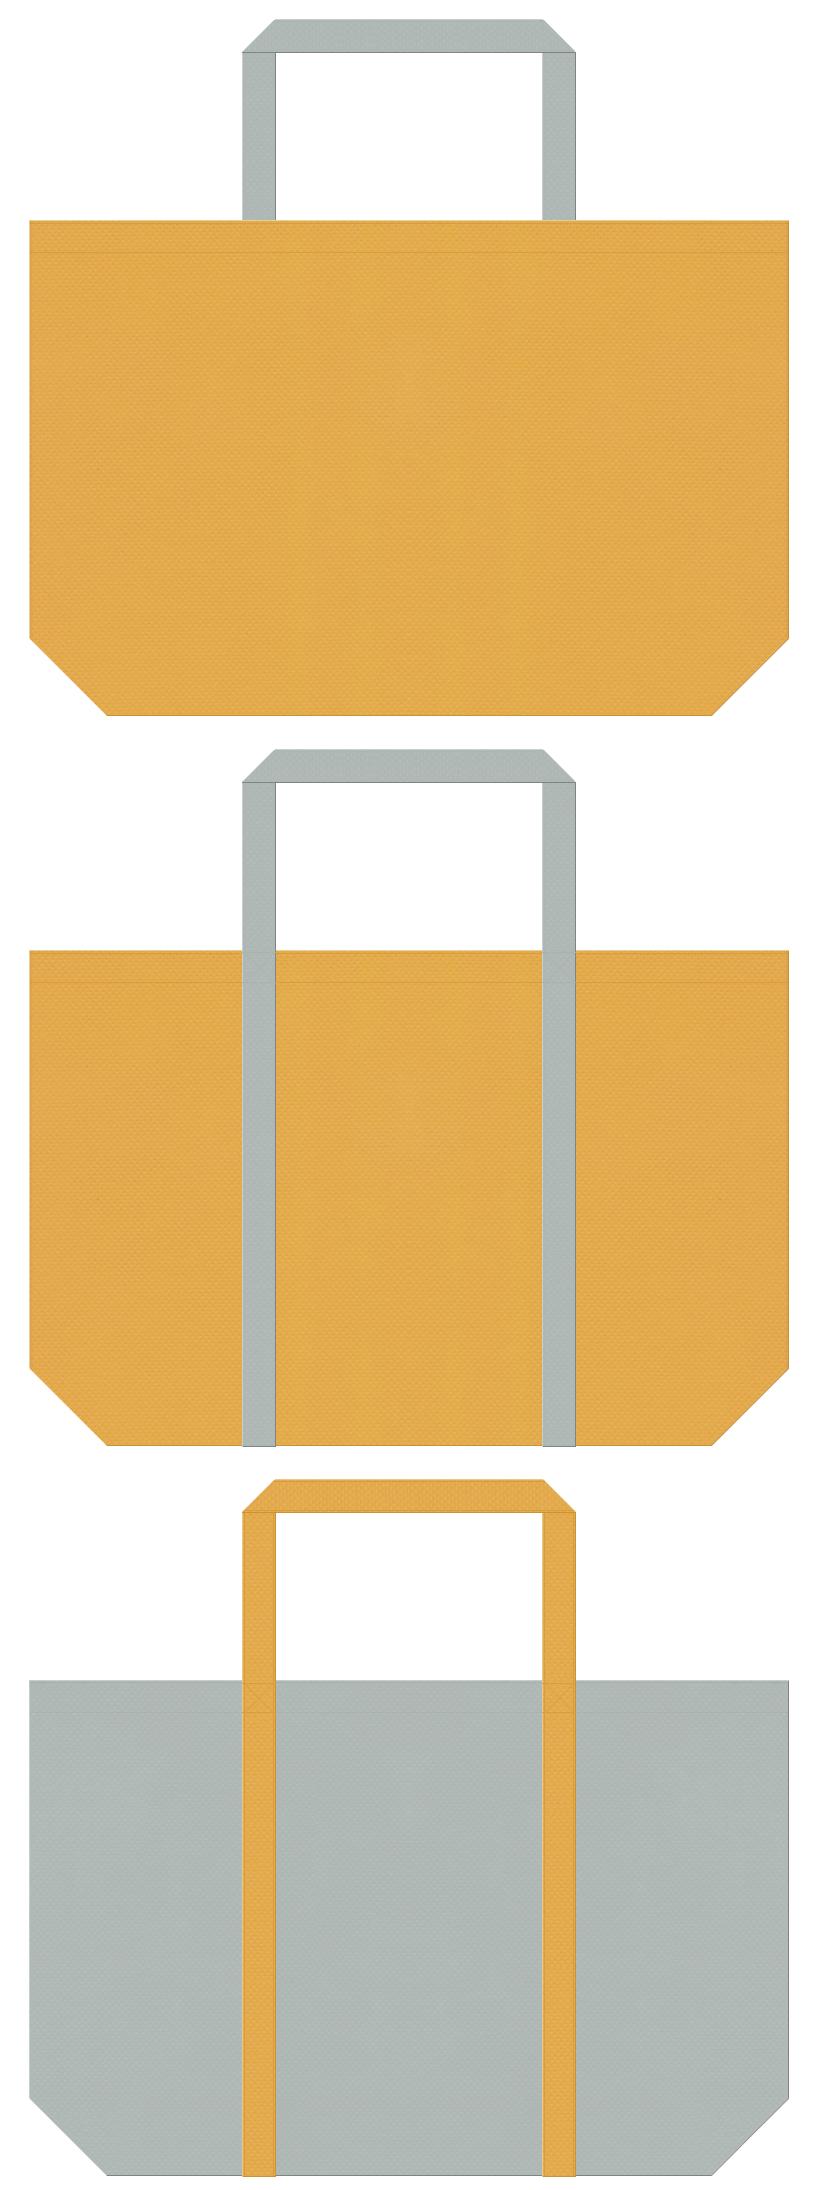 黄土色とグレー色の不織布ショッピングバッグデザイン。